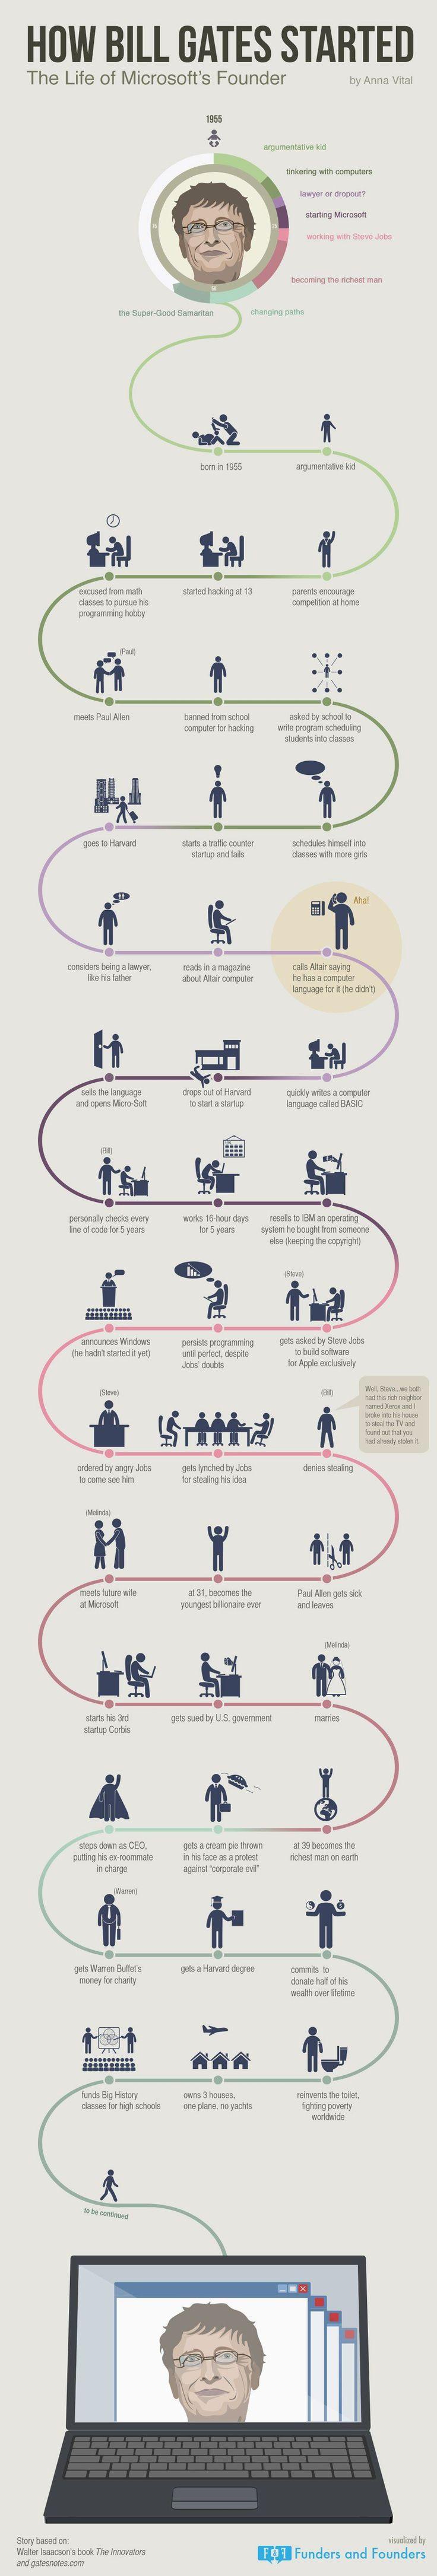 Das Leben des Bill Gates im Überblick. (Grafik: Funders and Founders)